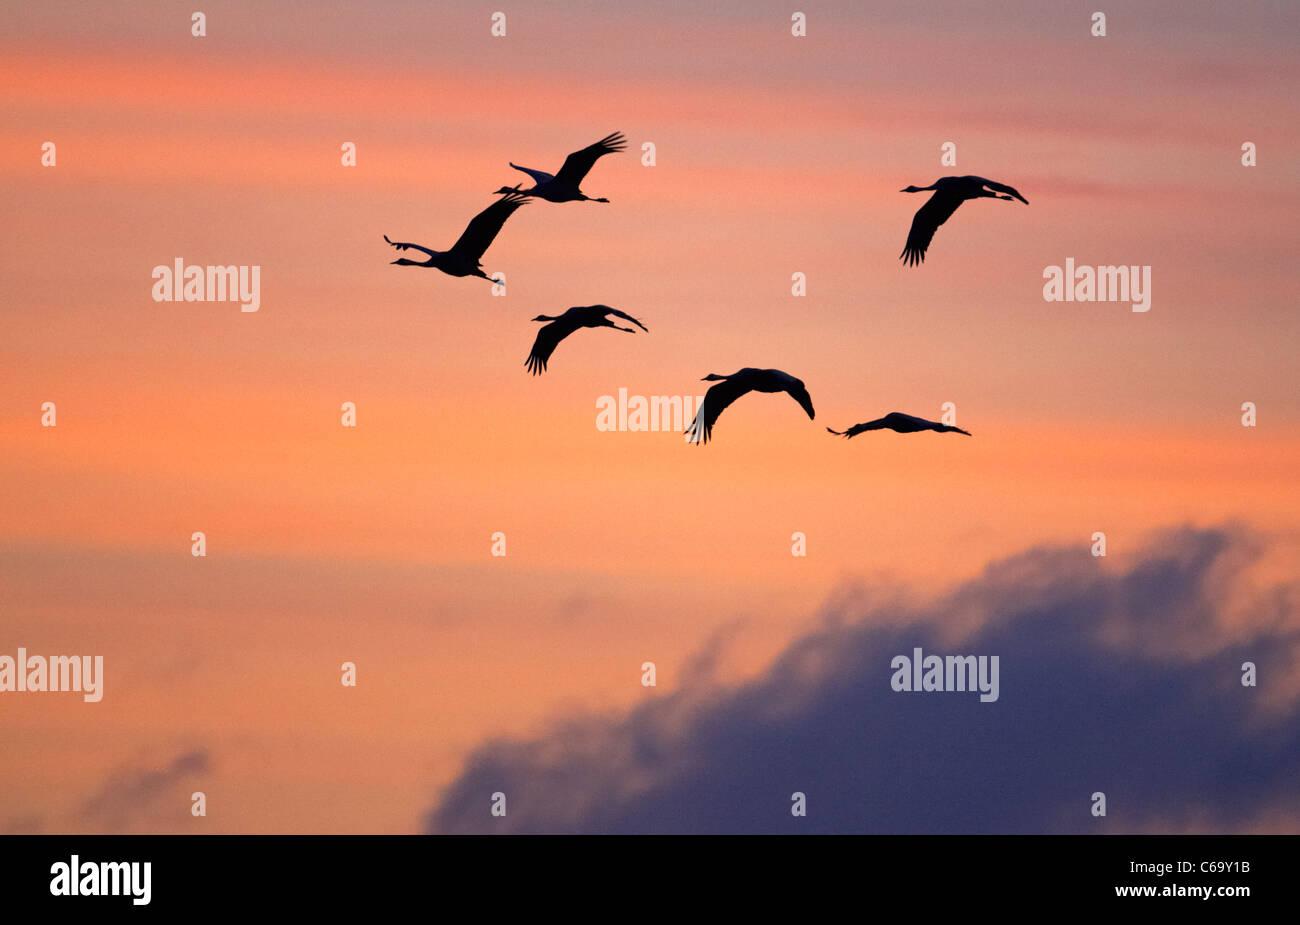 Kranich, eurasische Kranich (Grus Grus), wandernde Herde auf der Flucht vor einem bunten Morgenhimmel zu sehen. Stockbild